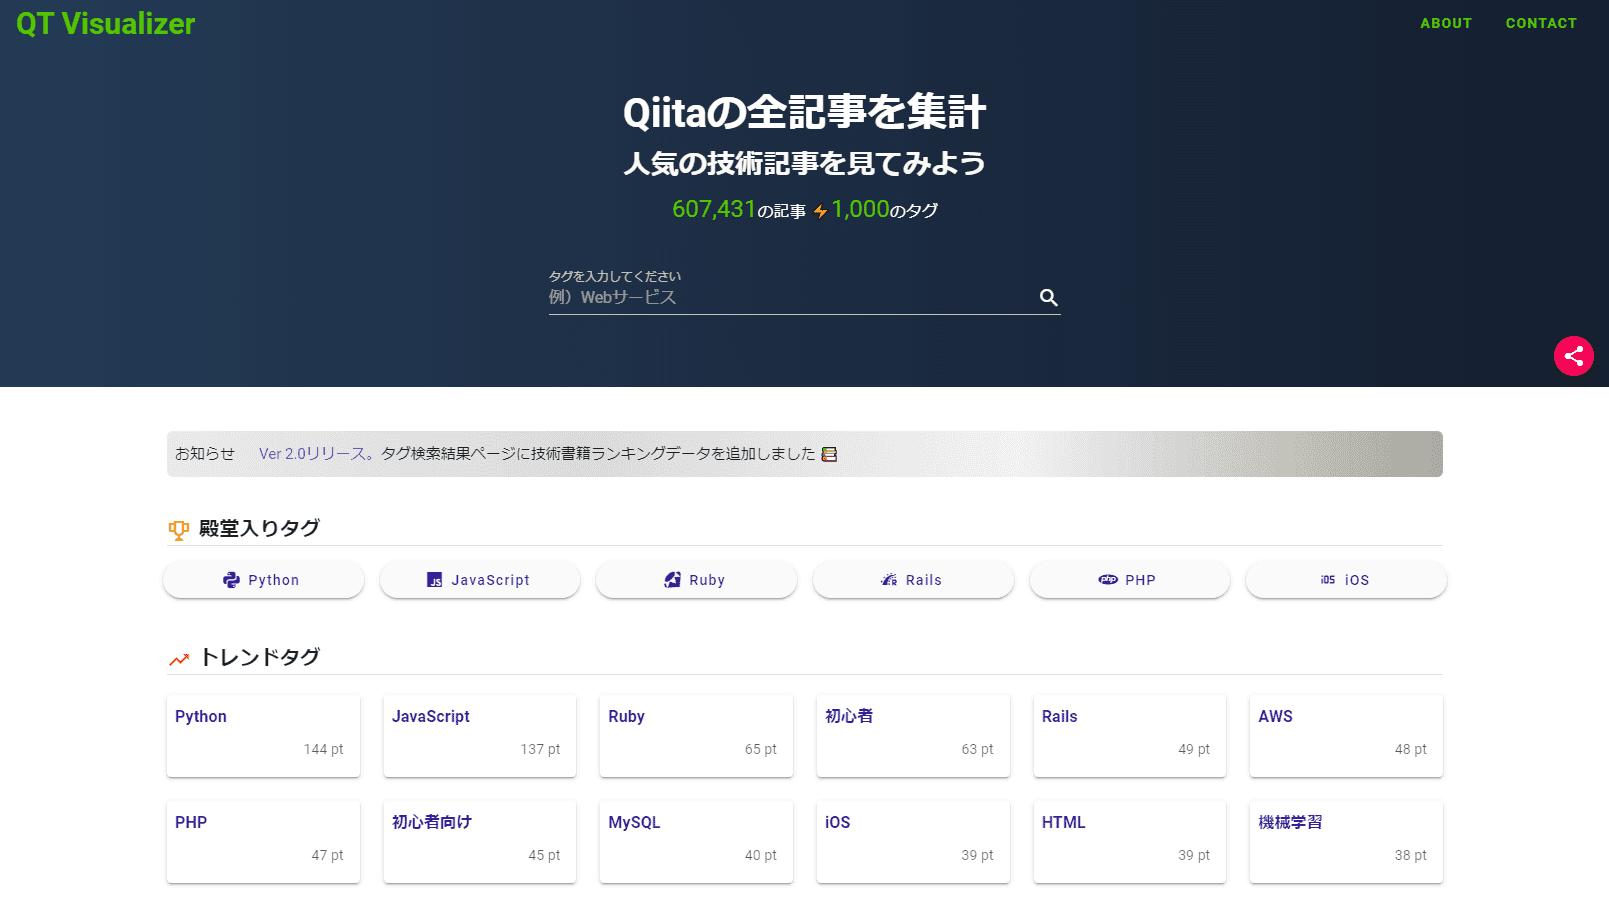 個人開発したWebサービス紹介、Qiita APIを利用した「QT Visualizer|【Qiita技術記事のランキング】」